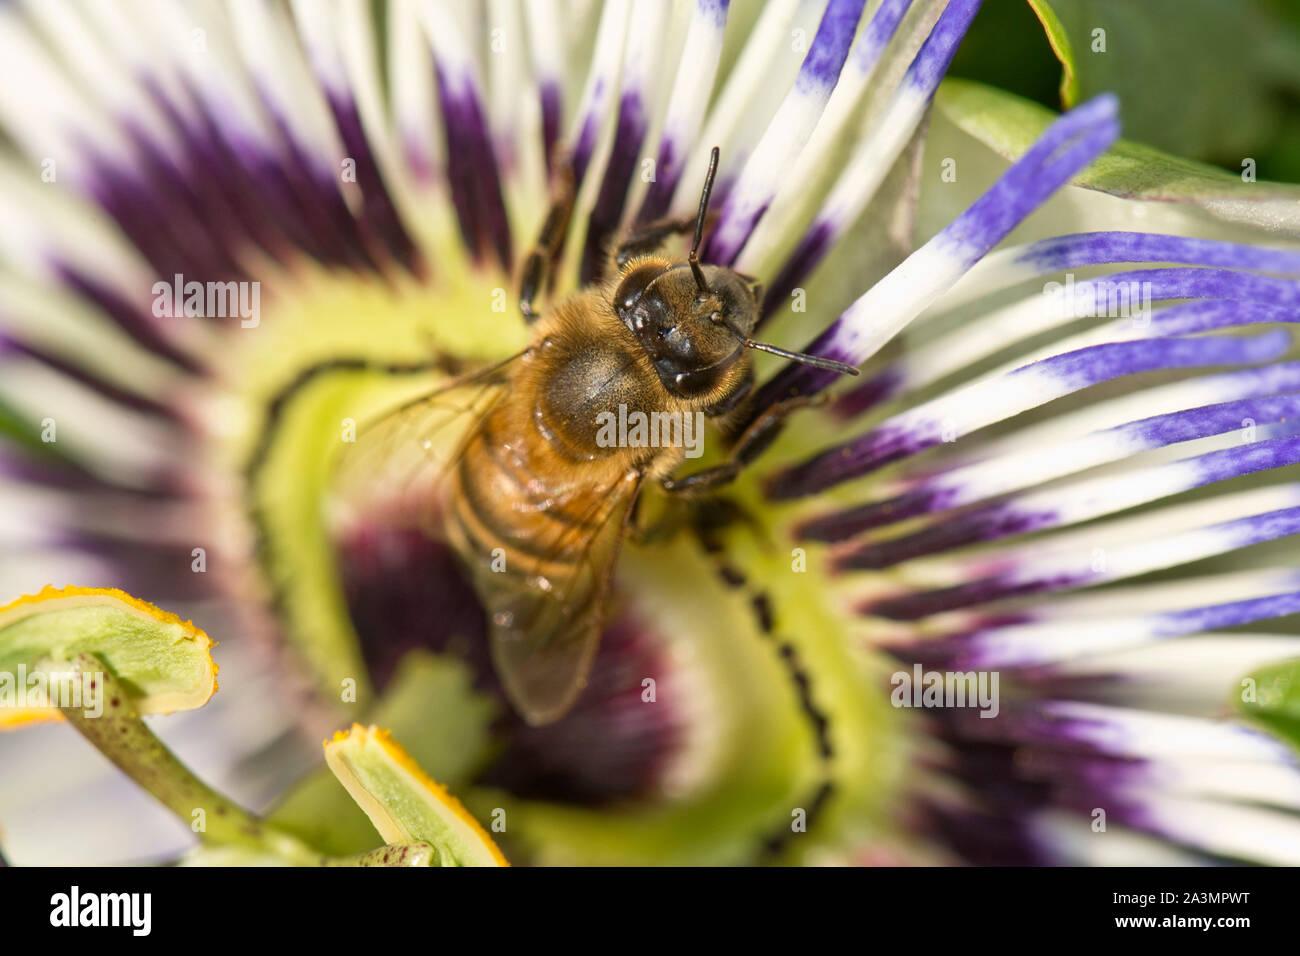 Miel de abejas (Apis mellifera) forrajeando en una flor de la pasión (Passiflora caerulea), Berkshire, Agosto Foto de stock